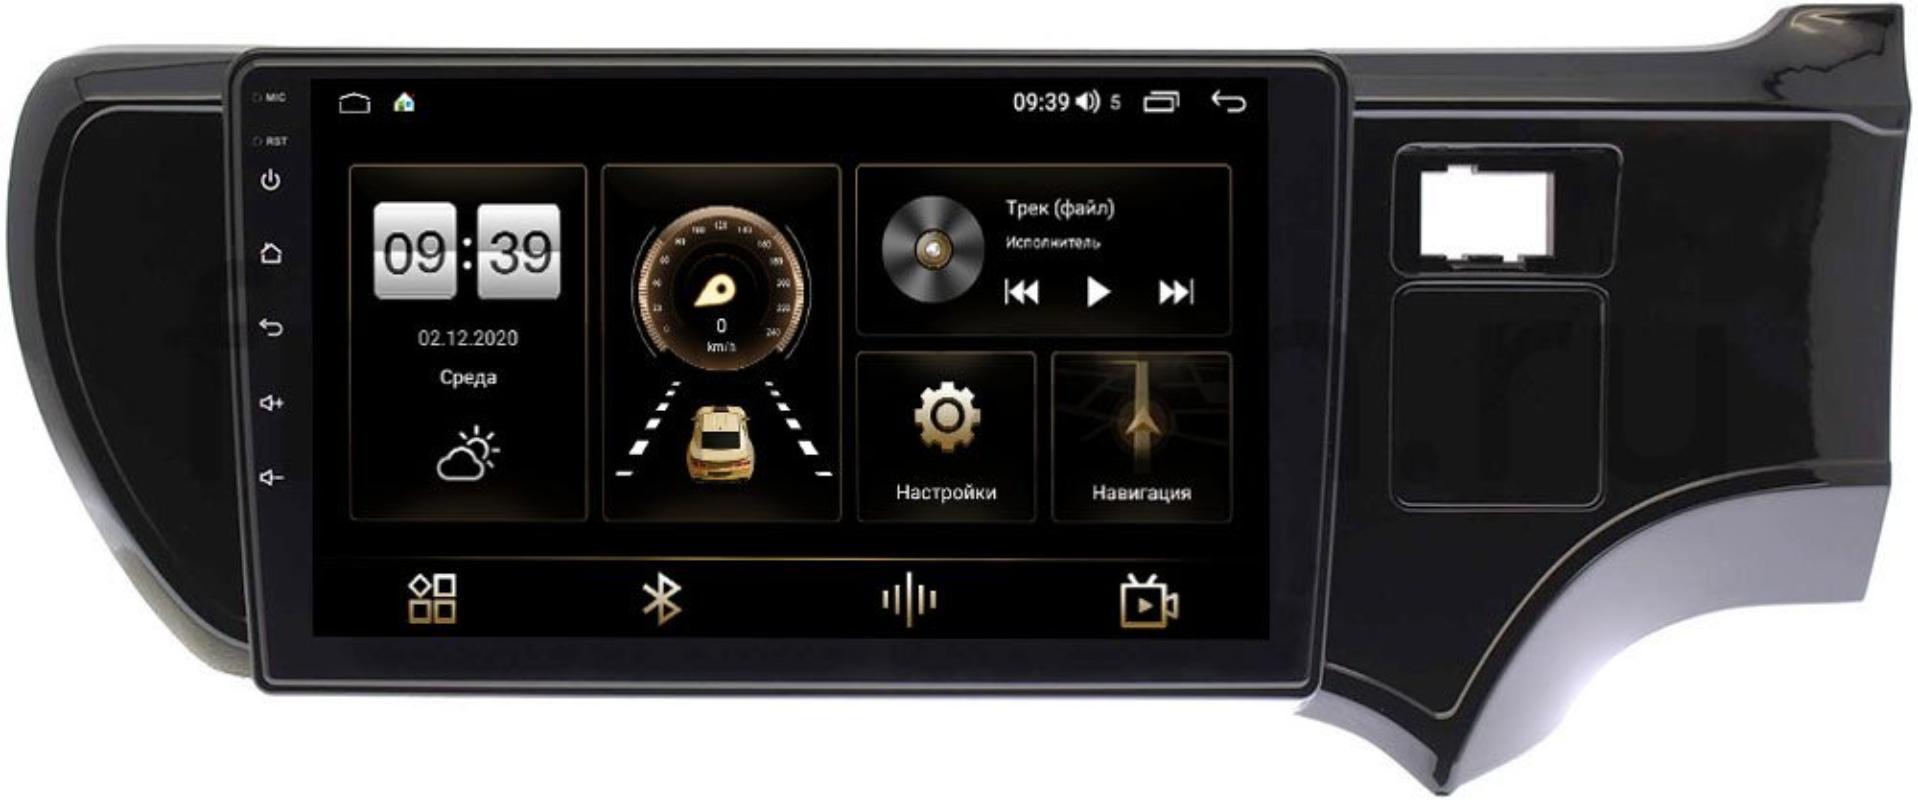 Штатная магнитола LeTrun 3792-9205 для Toyota Aqua 2011-2020 на Android 10 (4/64, DSP, QLed) С оптическим выходом (+ Камера заднего вида в подарок!)